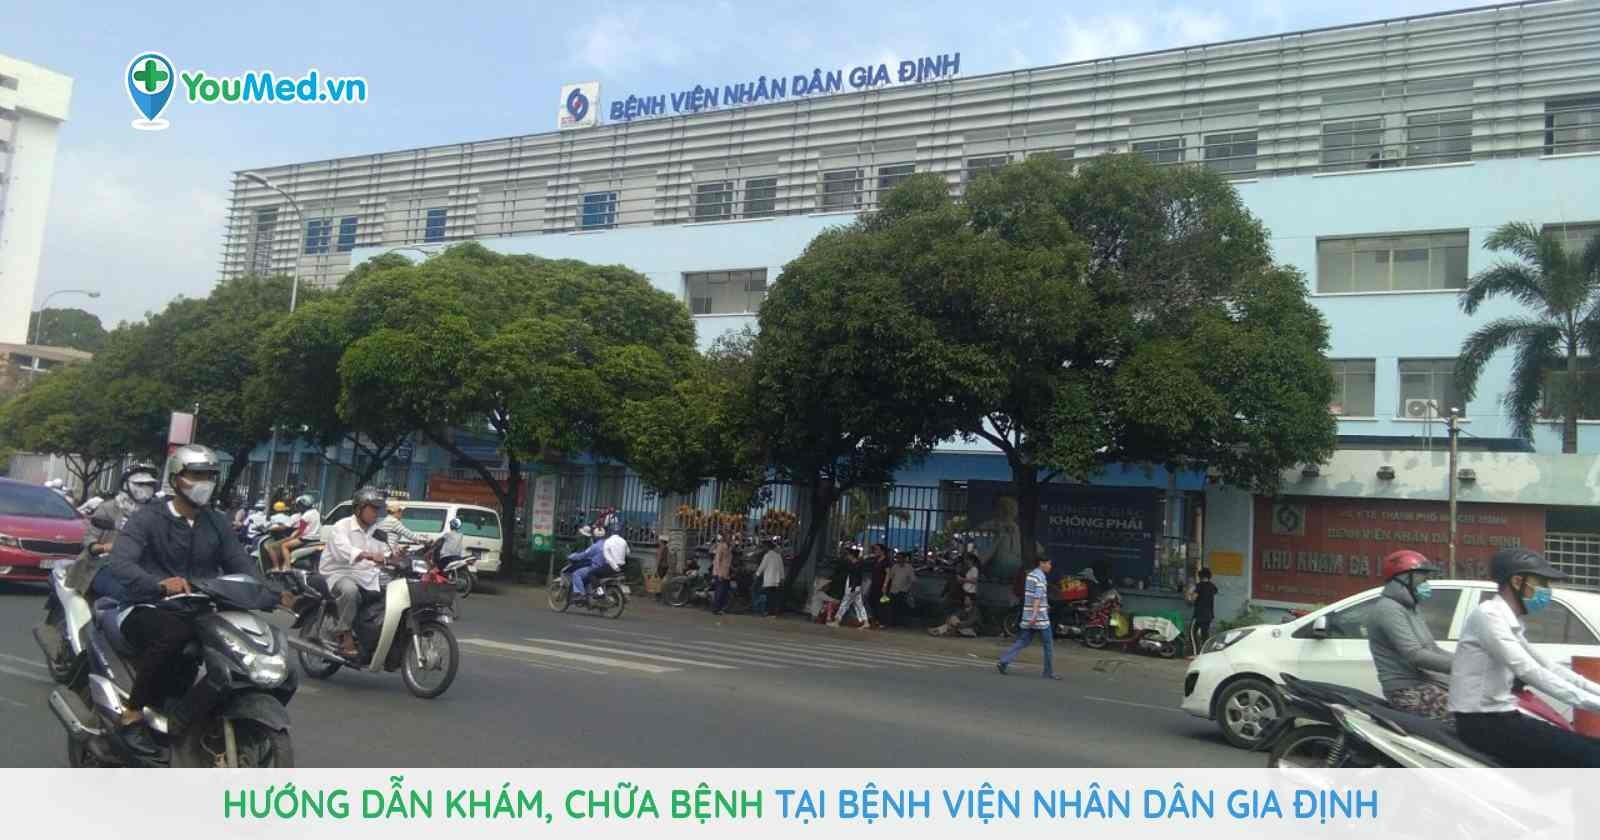 huong-dan-kham-chua-benh-tai-benh-vien-nhan-dan-gia-dinh